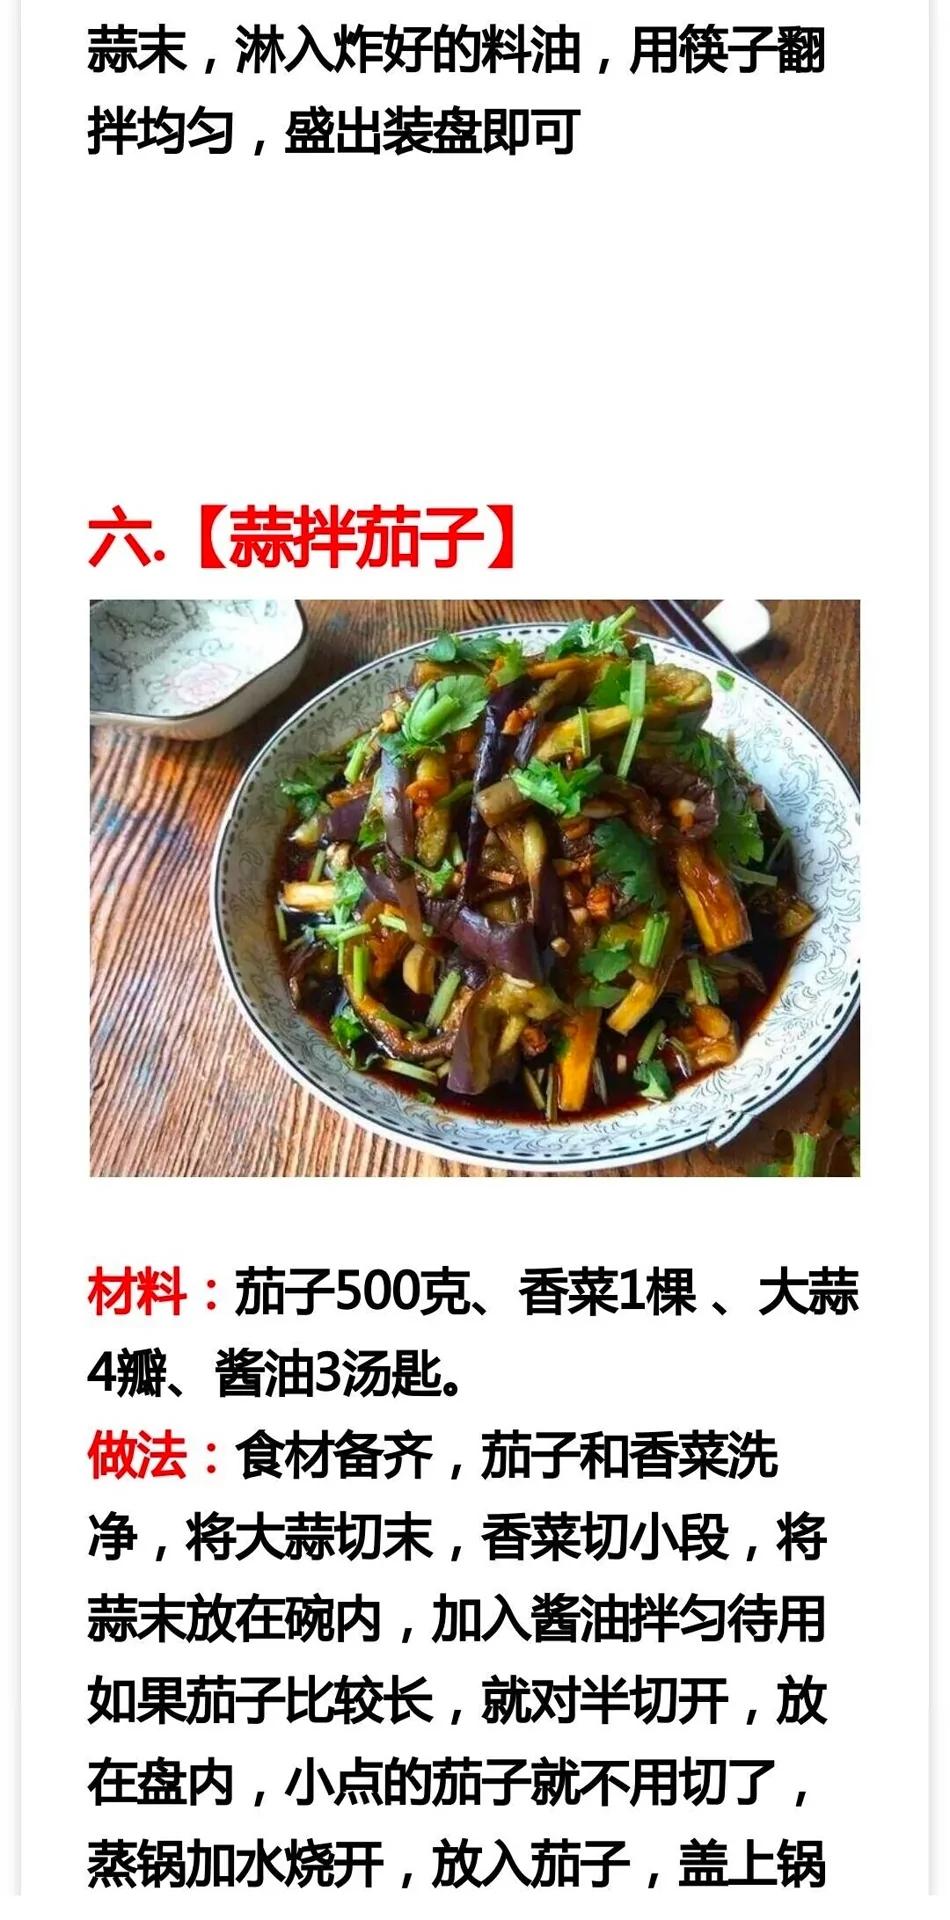 家常凉拌菜做法 美食做法 第10张